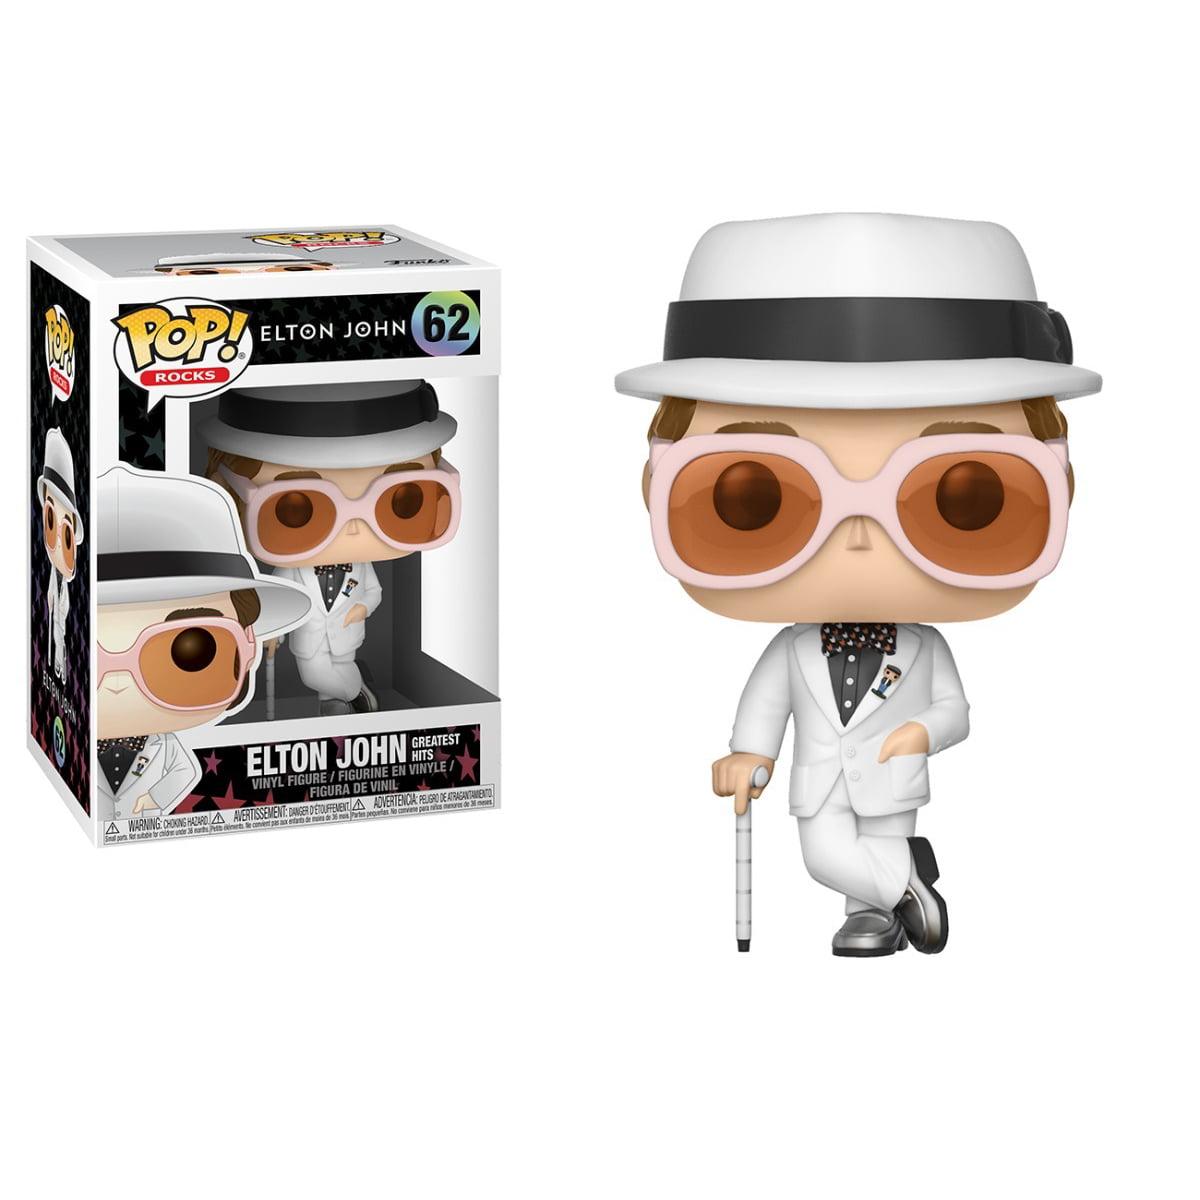 POP! ELTON JOHN - ELTON JOHN - GREATEST HITS